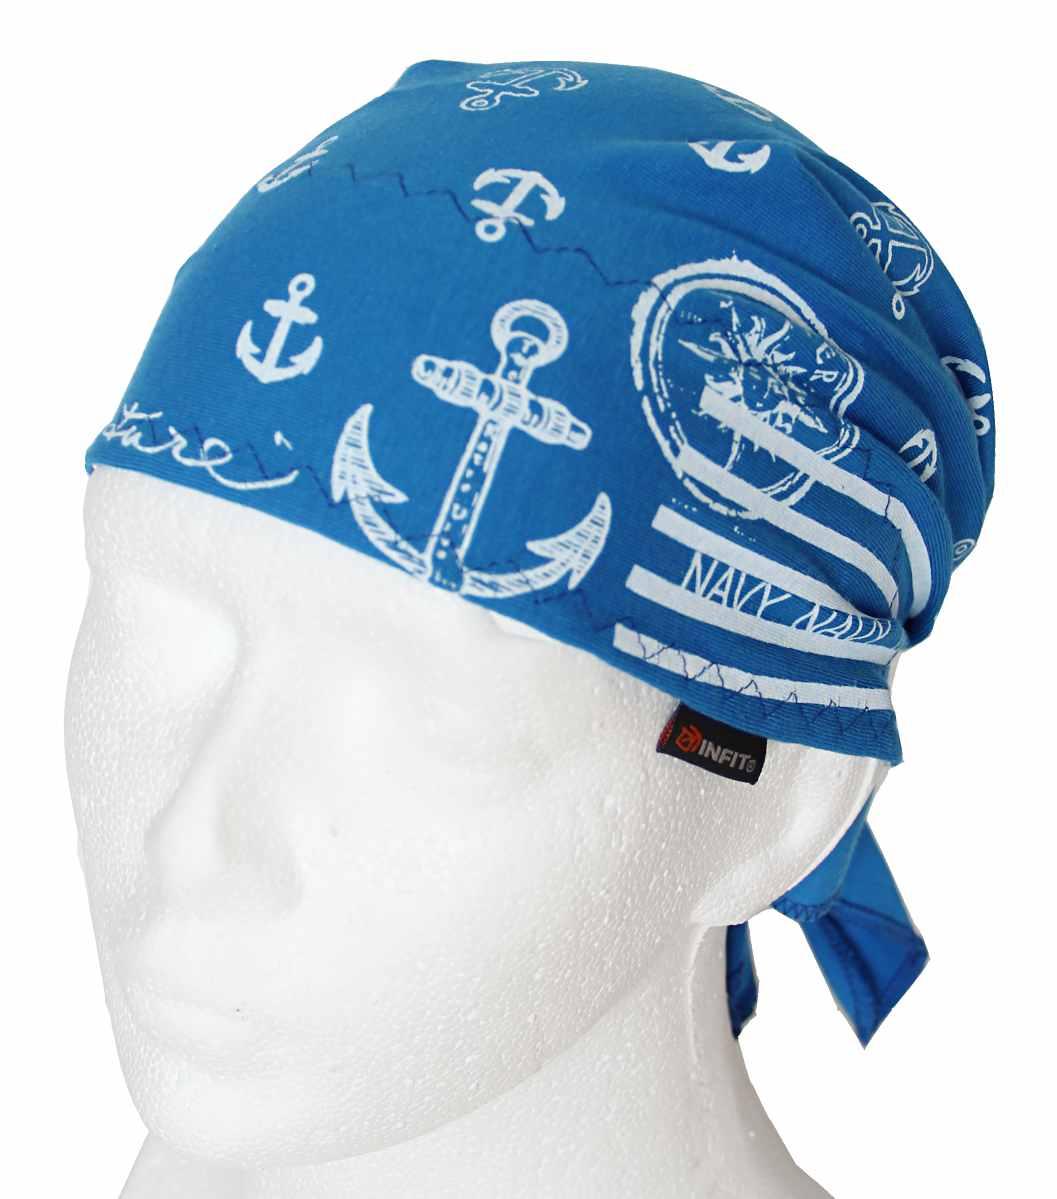 Dětský pirát trojúhelníkový šátek modrý vzor Námořník. Novinka b1a9e00fdc